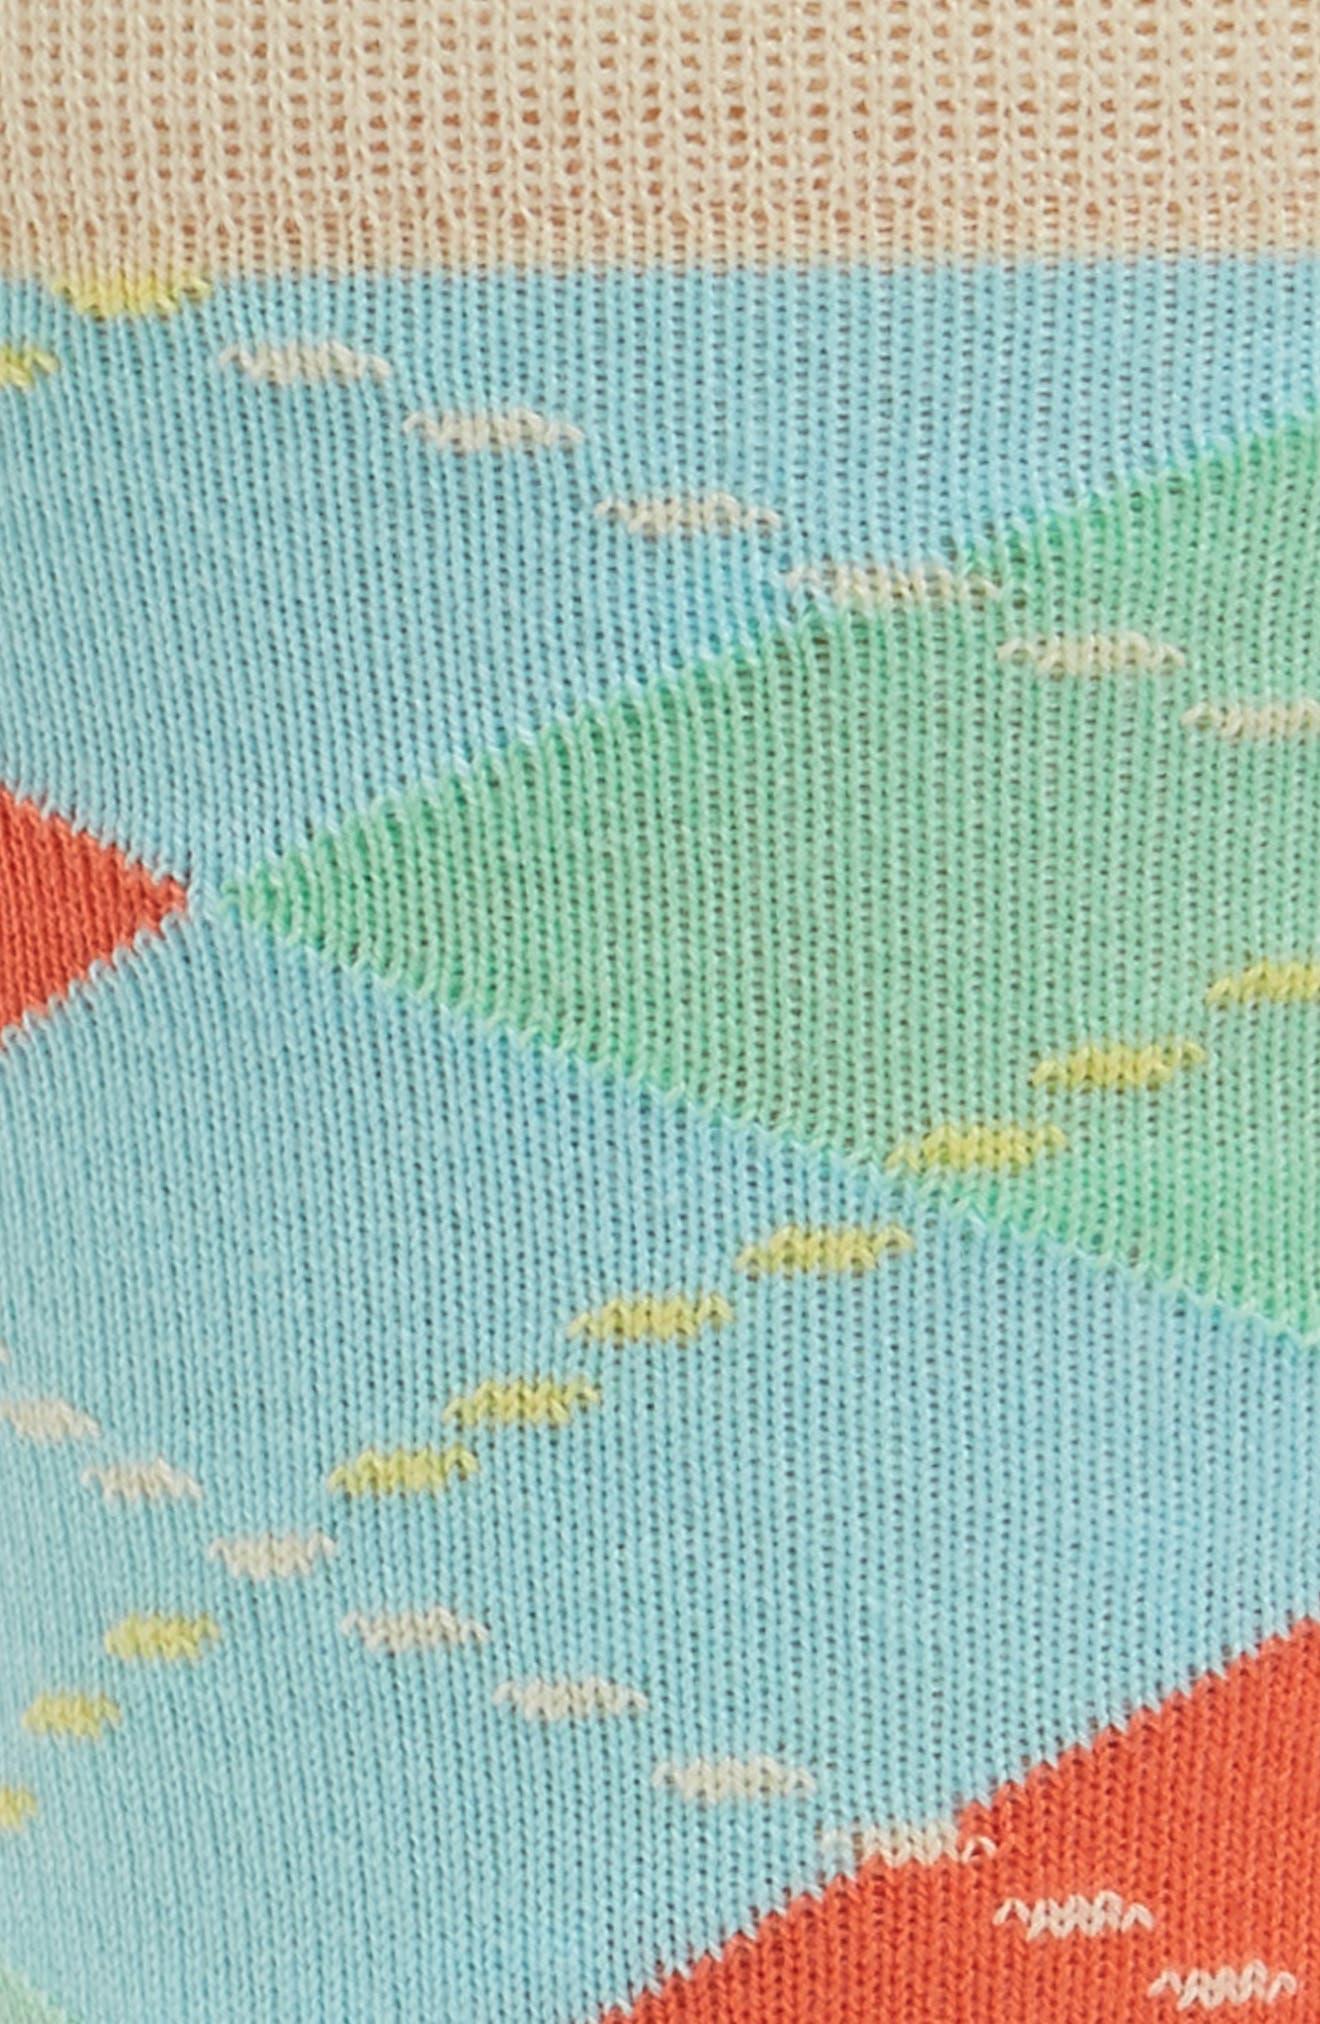 Argyle Crew Socks,                             Alternate thumbnail 2, color,                             Beige Multi